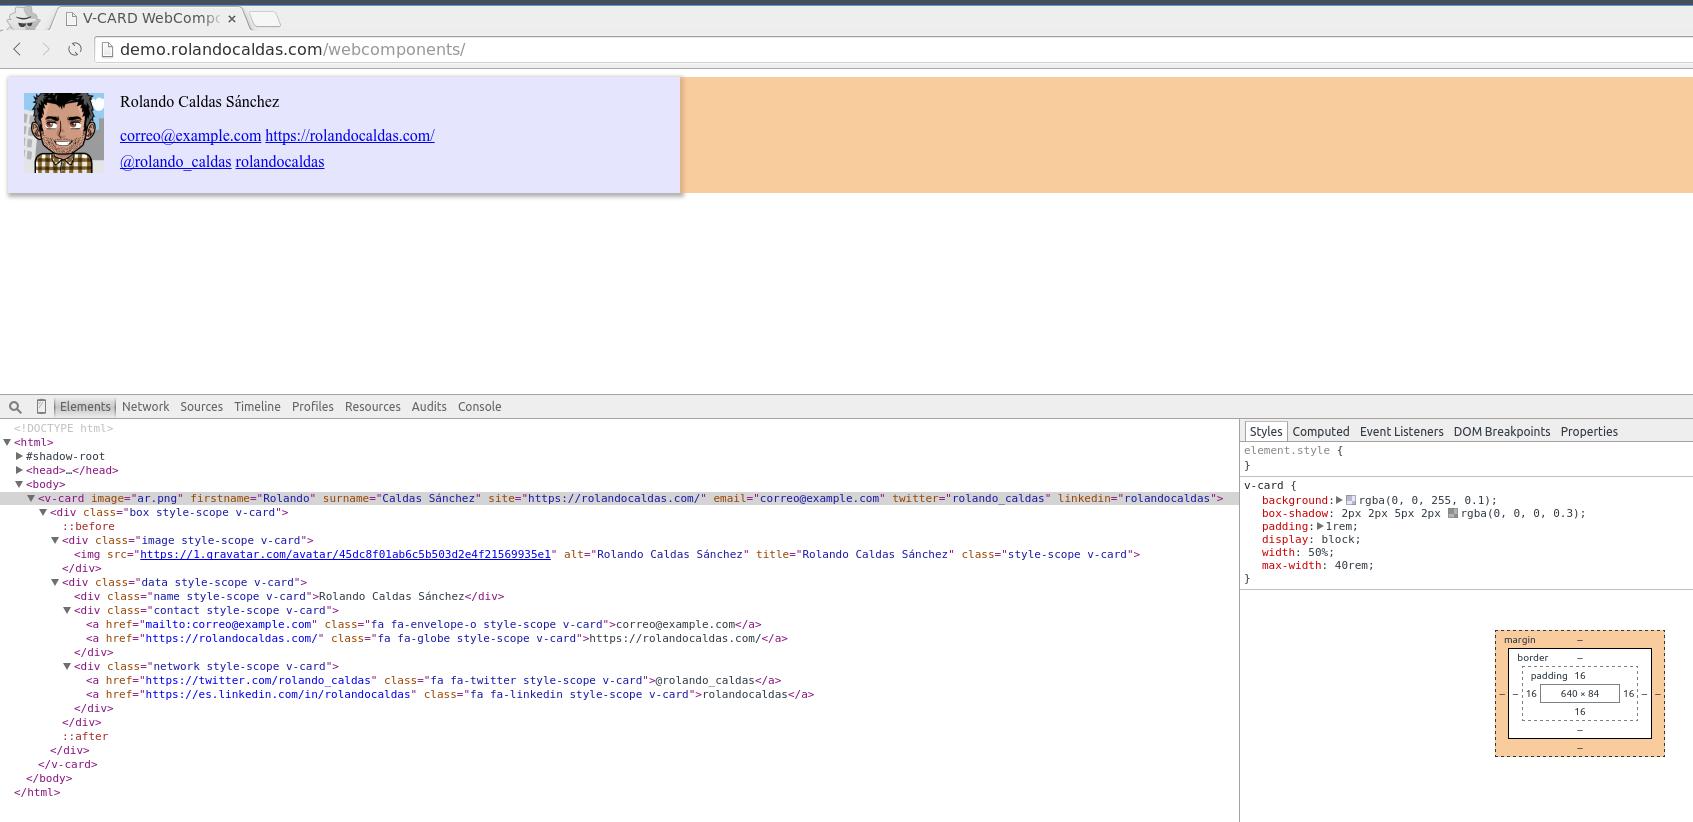 Nuestro webcomponent v-card con estilo!